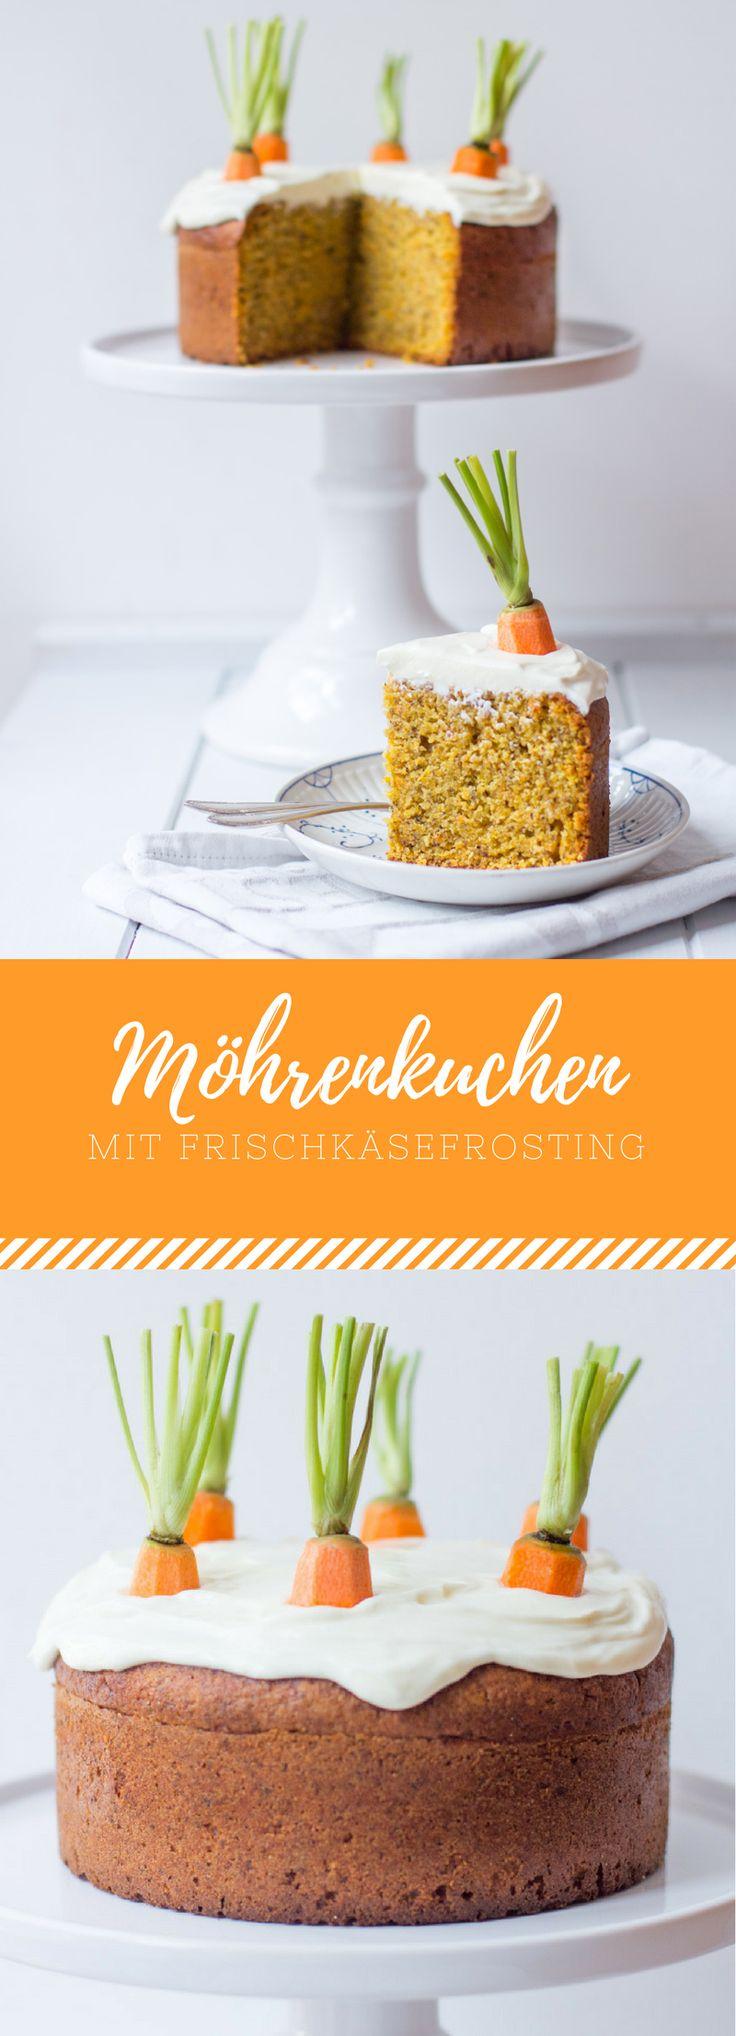 Karottenkuchen/ Möhrenkuchen/ Rüblikuchen mit Frischkäsefrosting. Perfekt für Ostern oder den Frühling